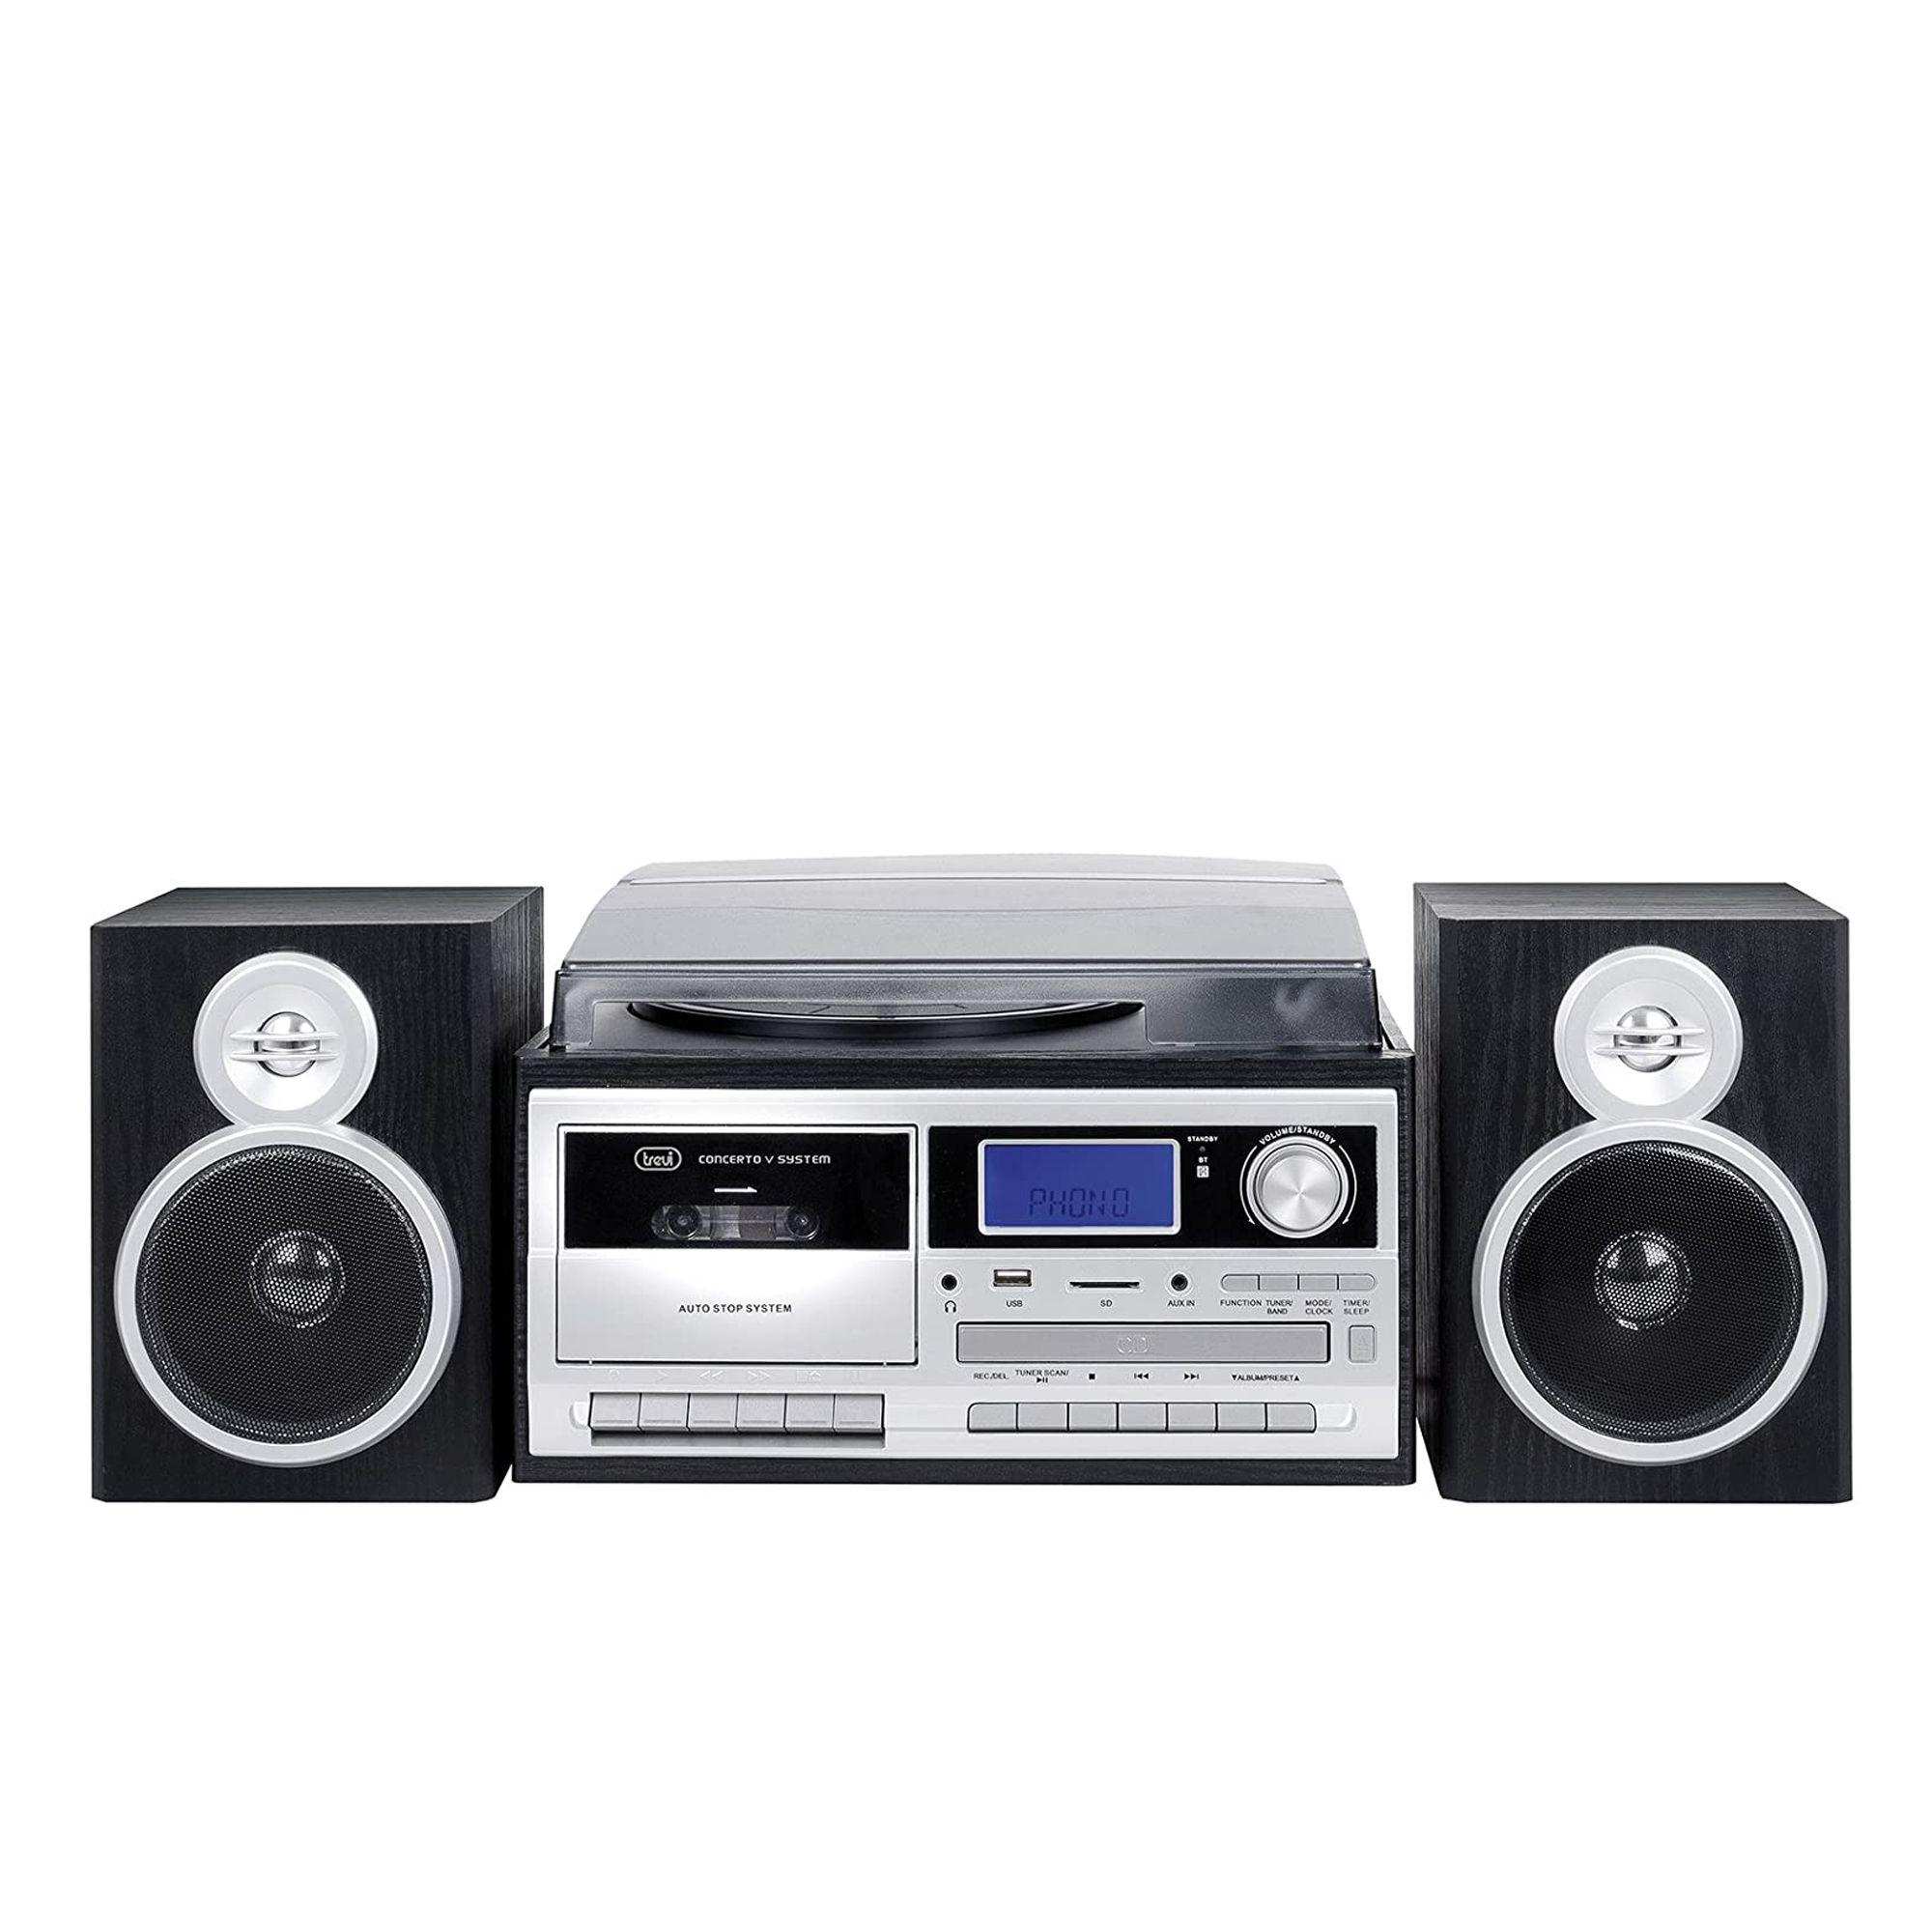 Image of TT 1070 Giradischi 33,45 e 78 giri con CD e radio